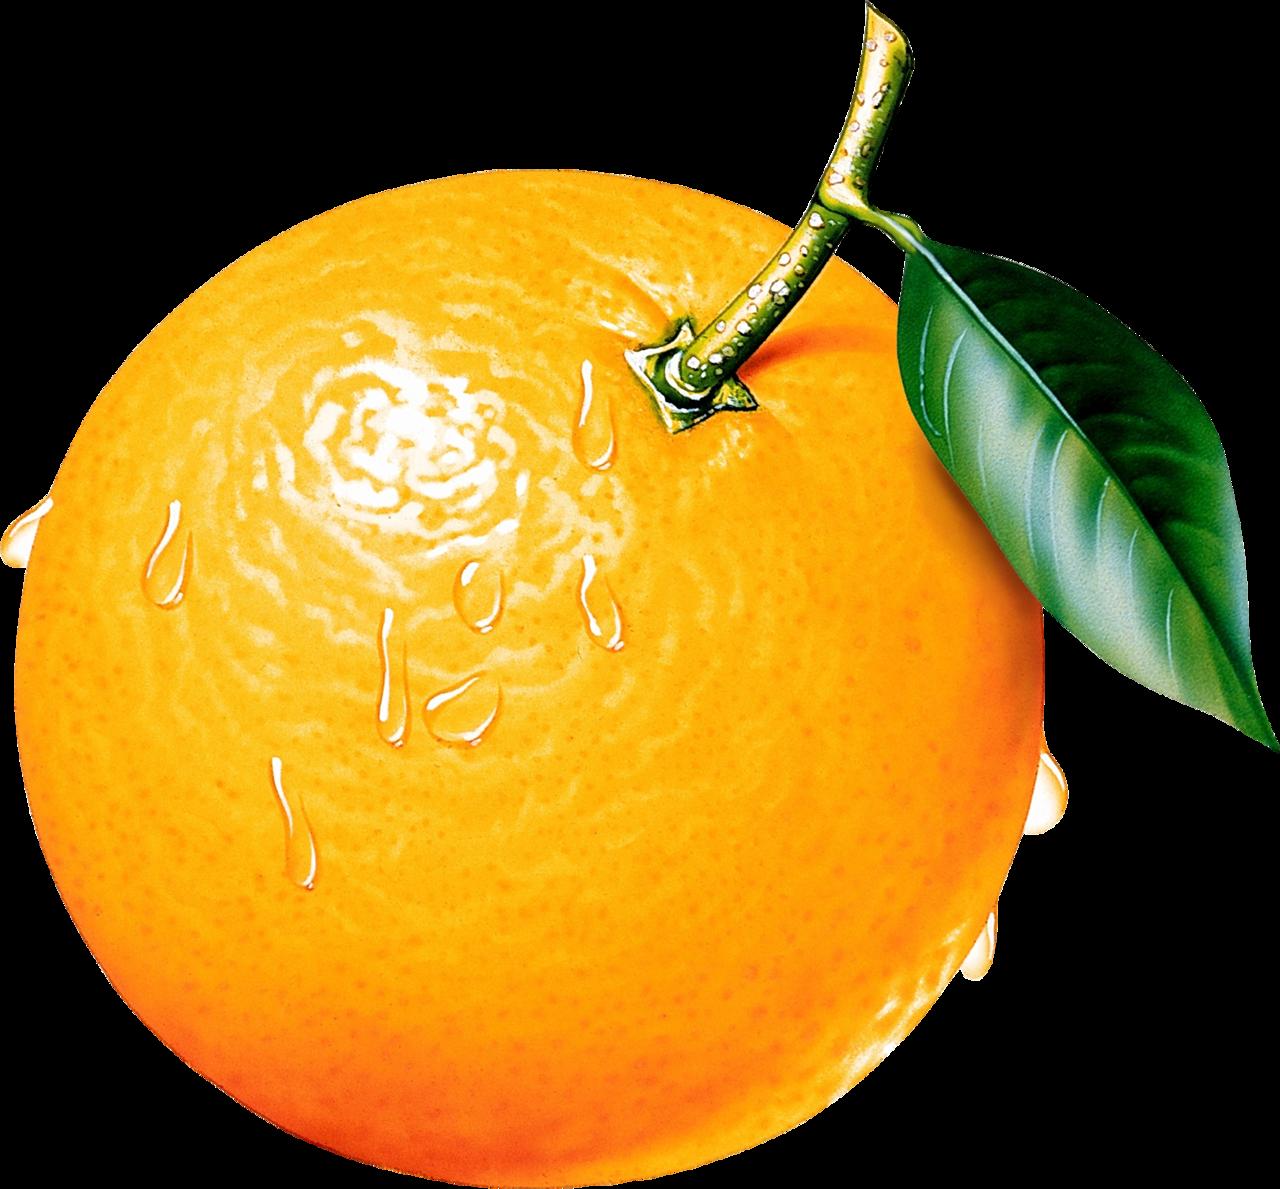 Нарисованная картинка апельсин